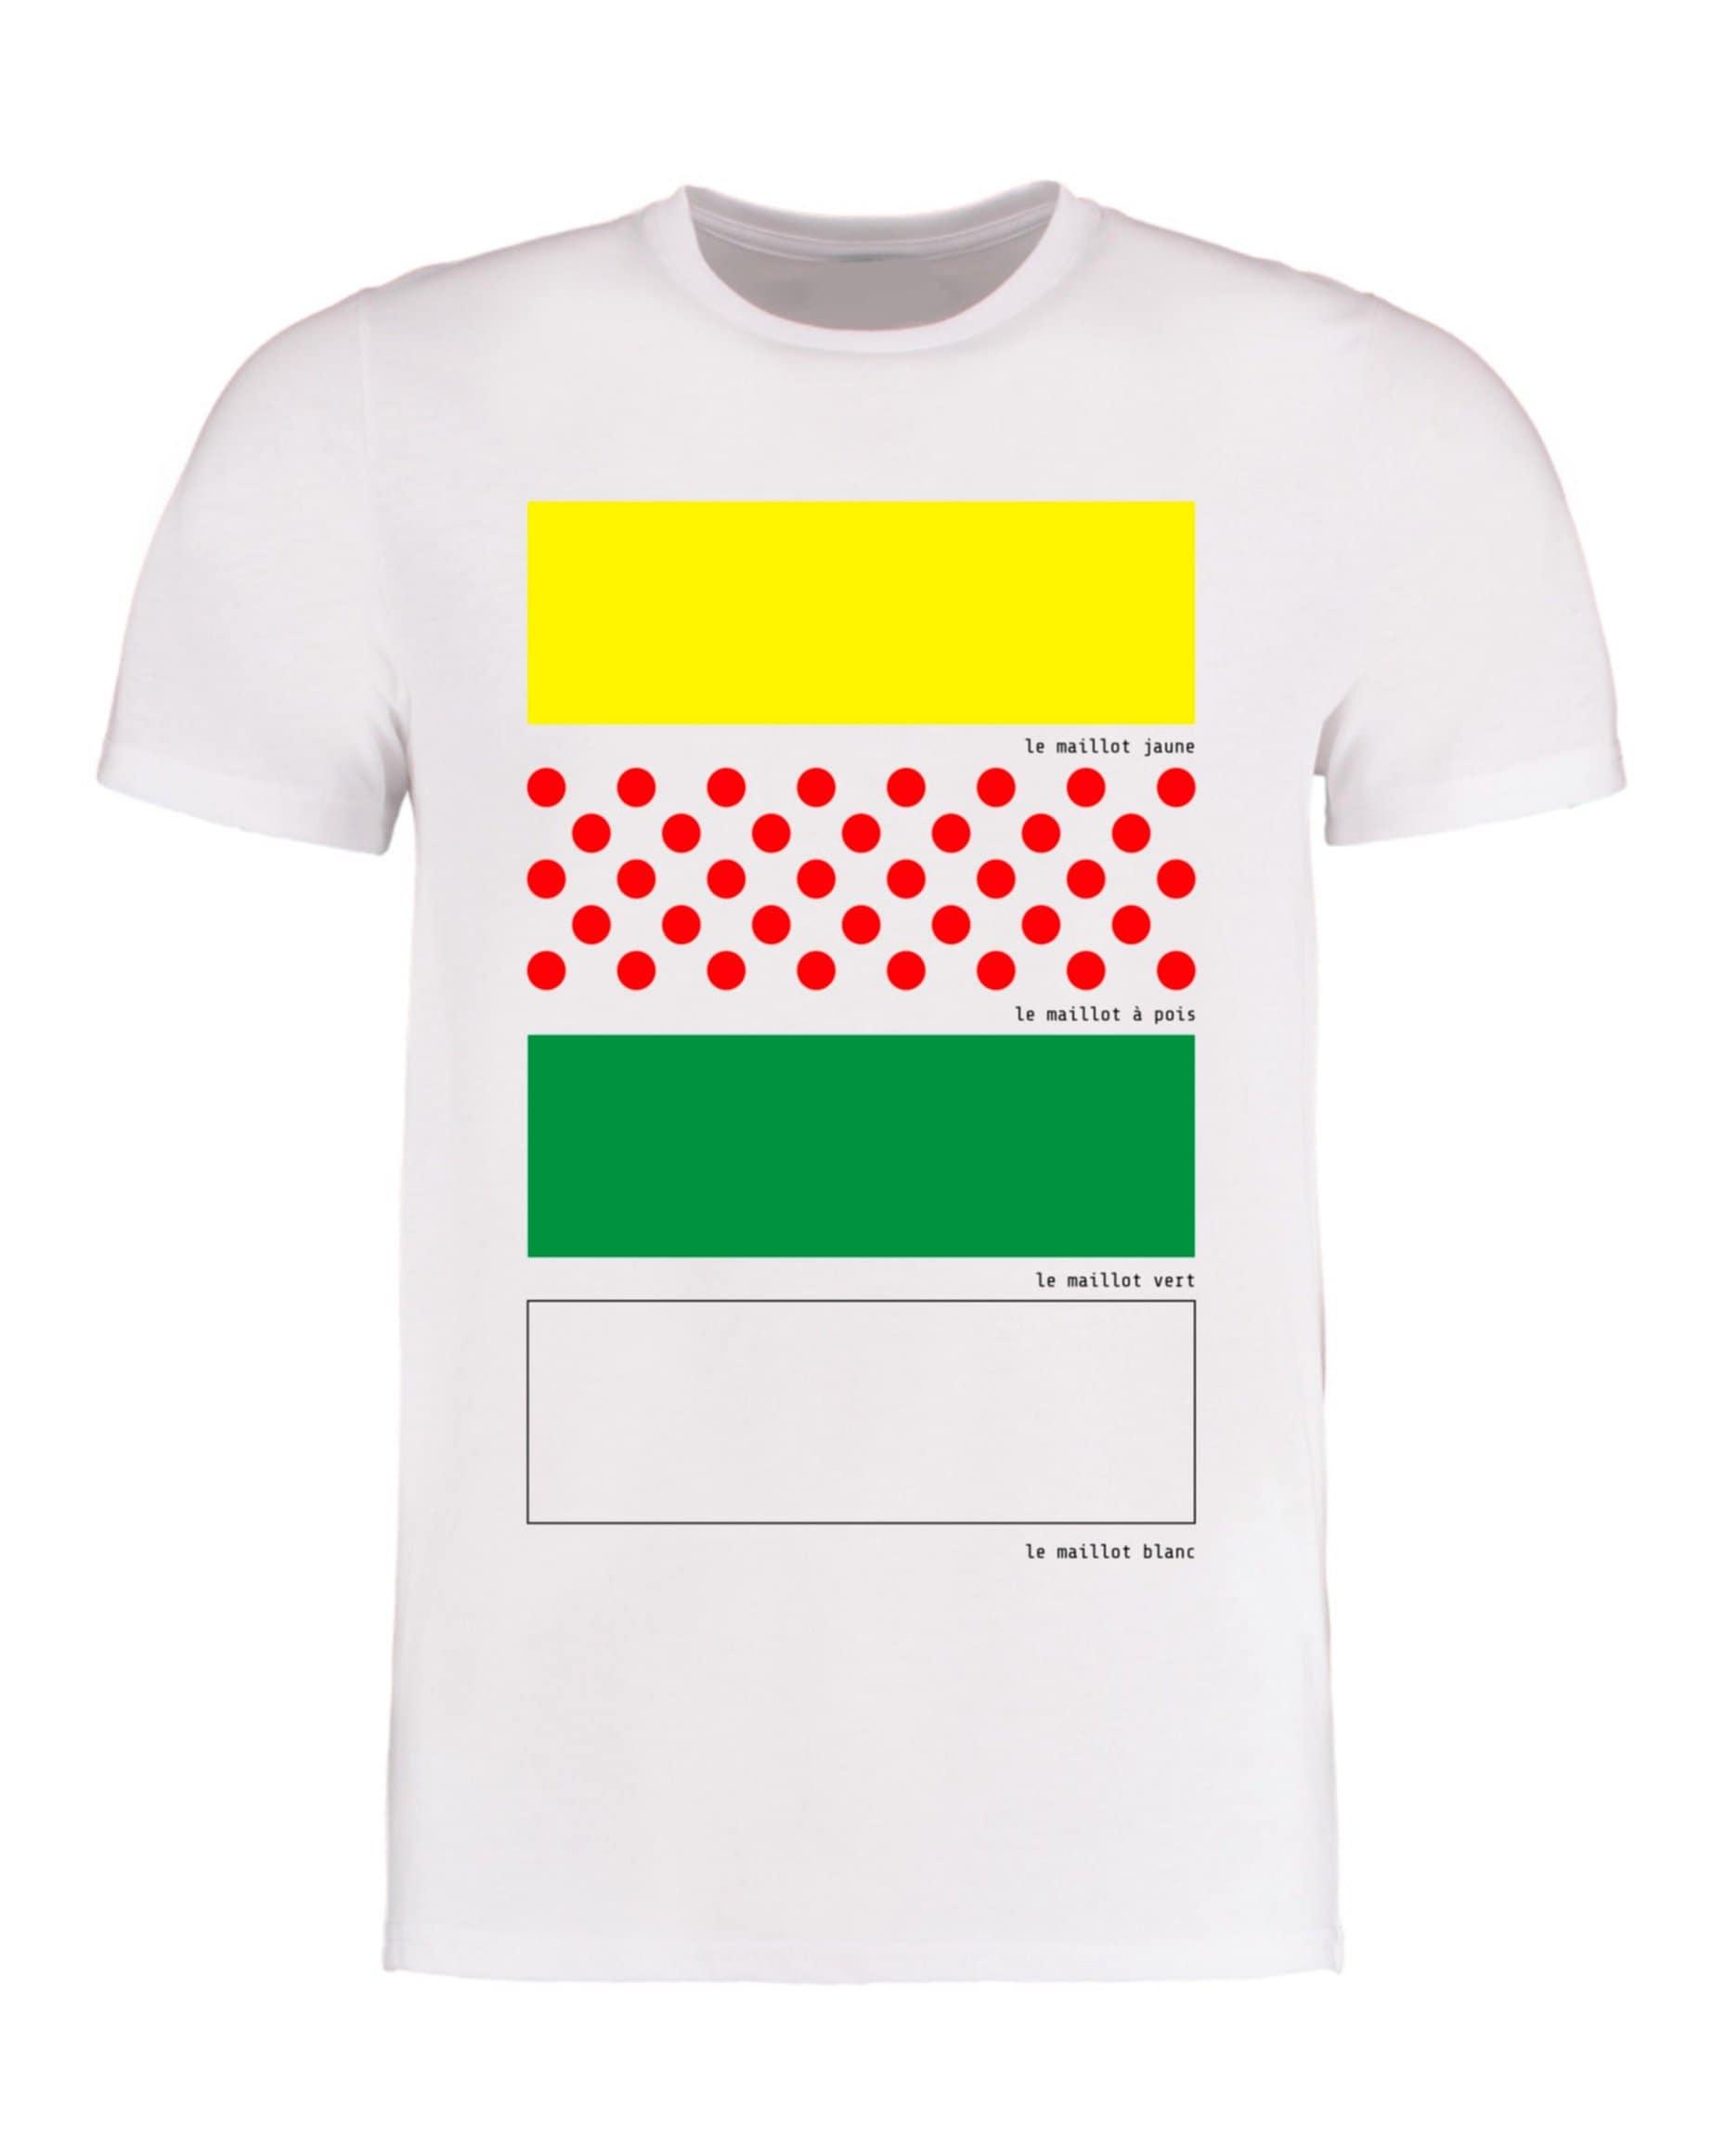 Tour De France Jerseys T Shirt Mens Cycling T Shirt Sublimation T